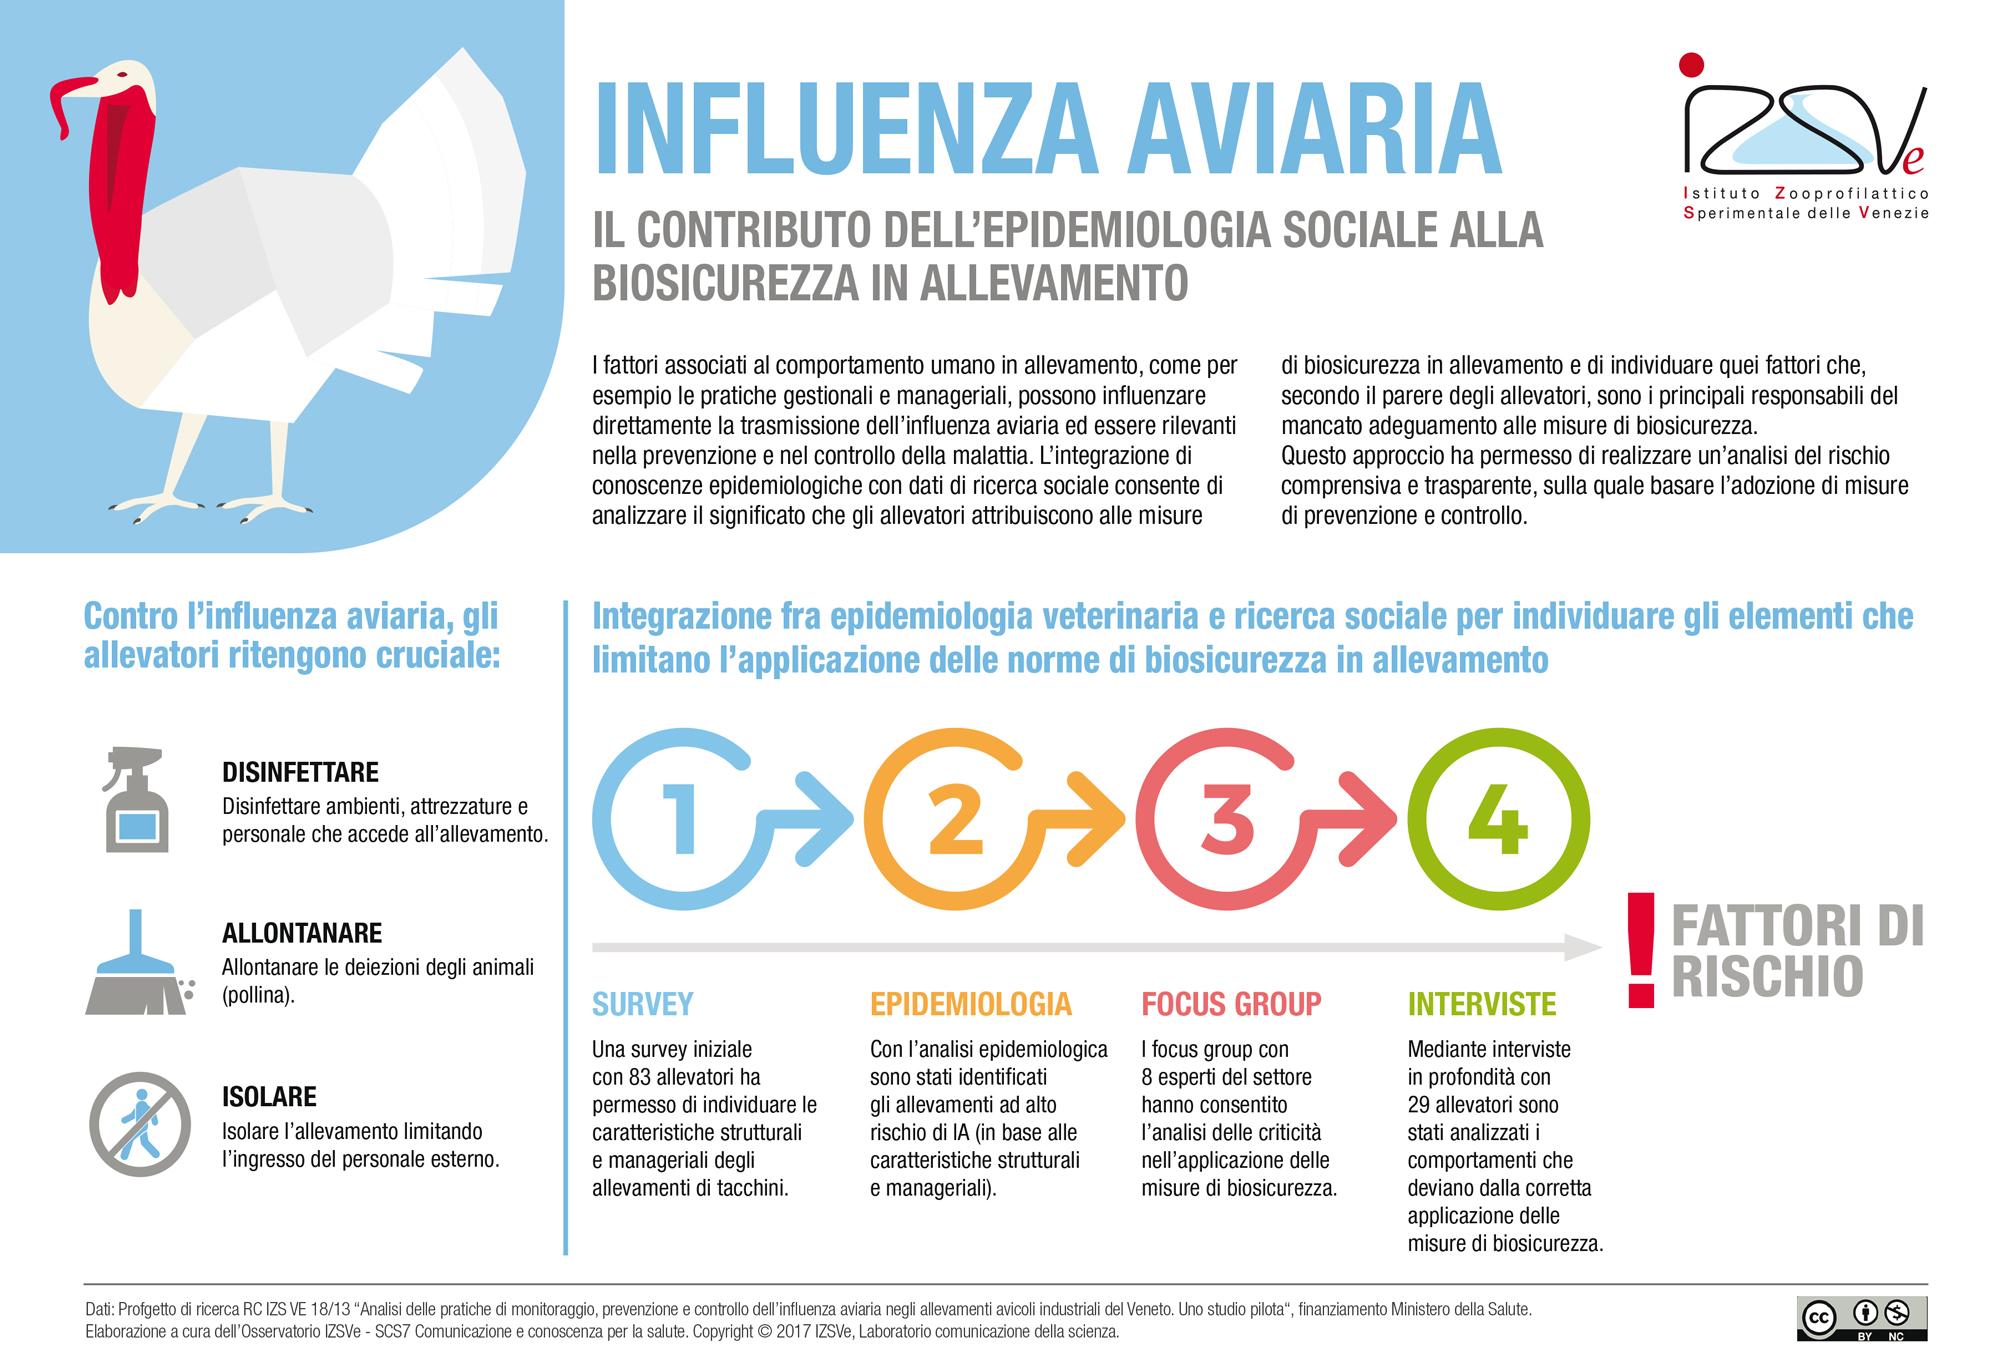 Influenza aviaria: il contributo dell'epidemiologia sociale alla biosicurezza negli allevamenti di tacchini